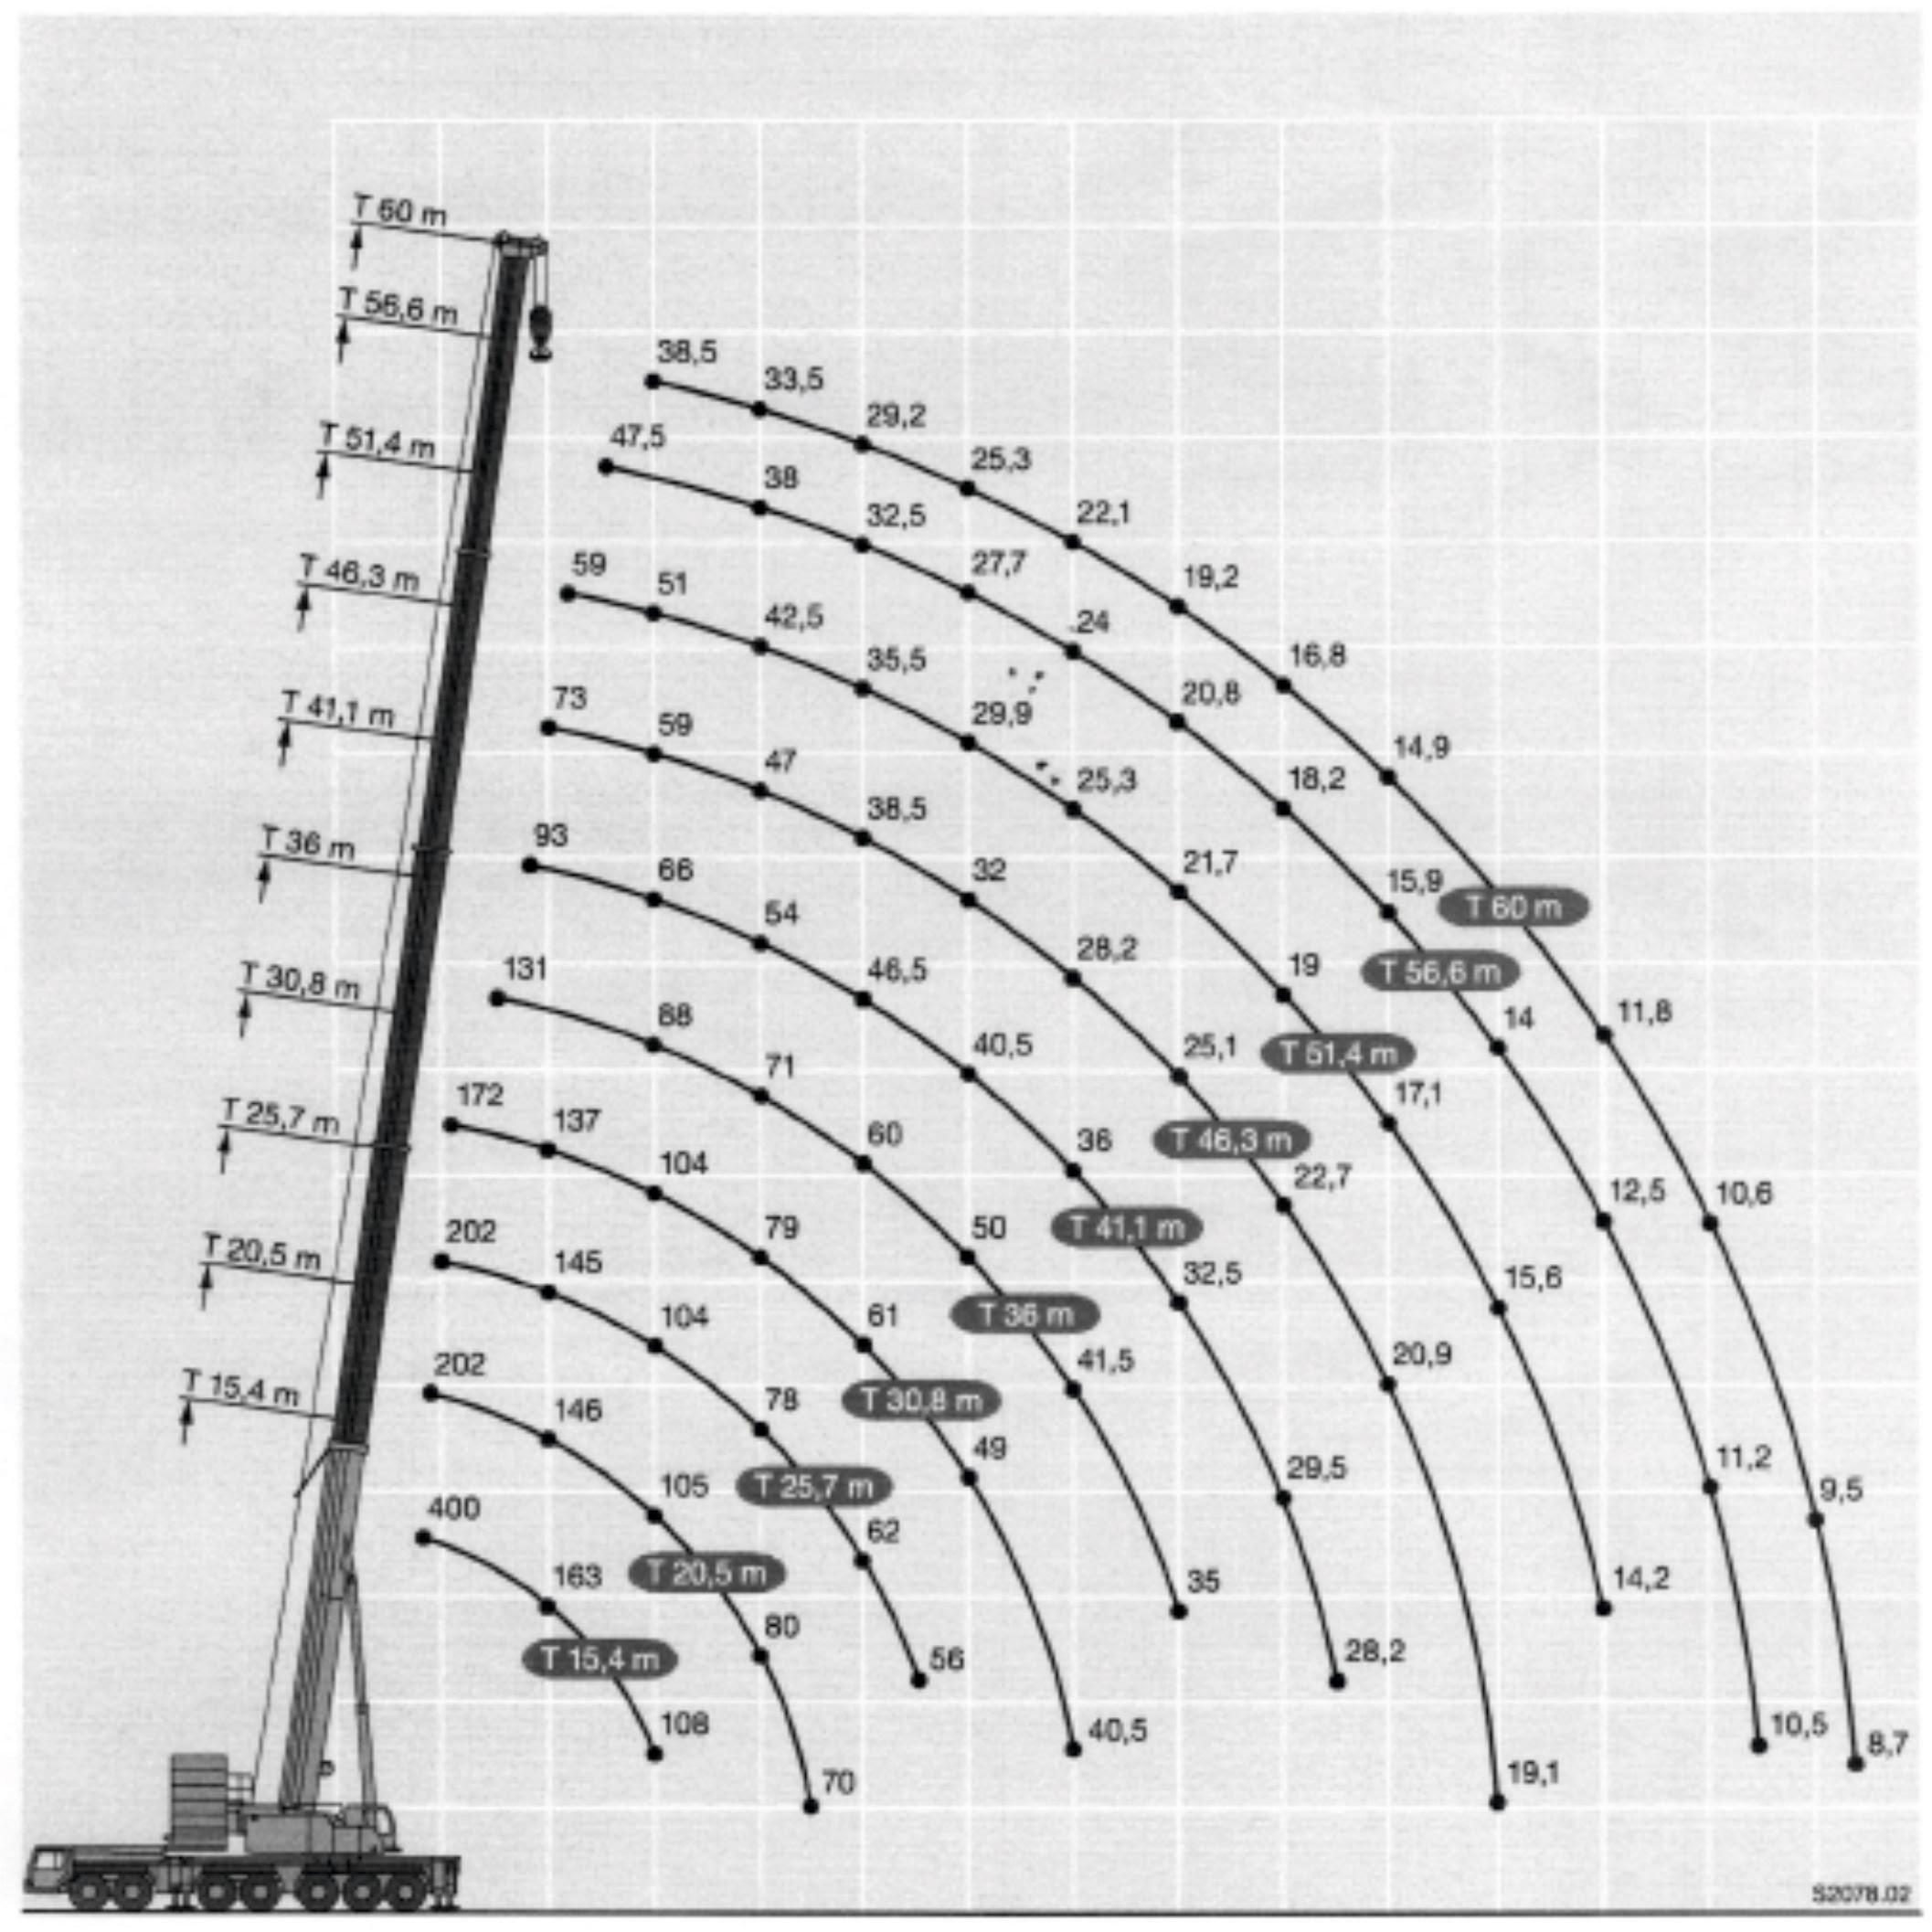 Inchiriere macara 400 de tone - diagrama 400 tone